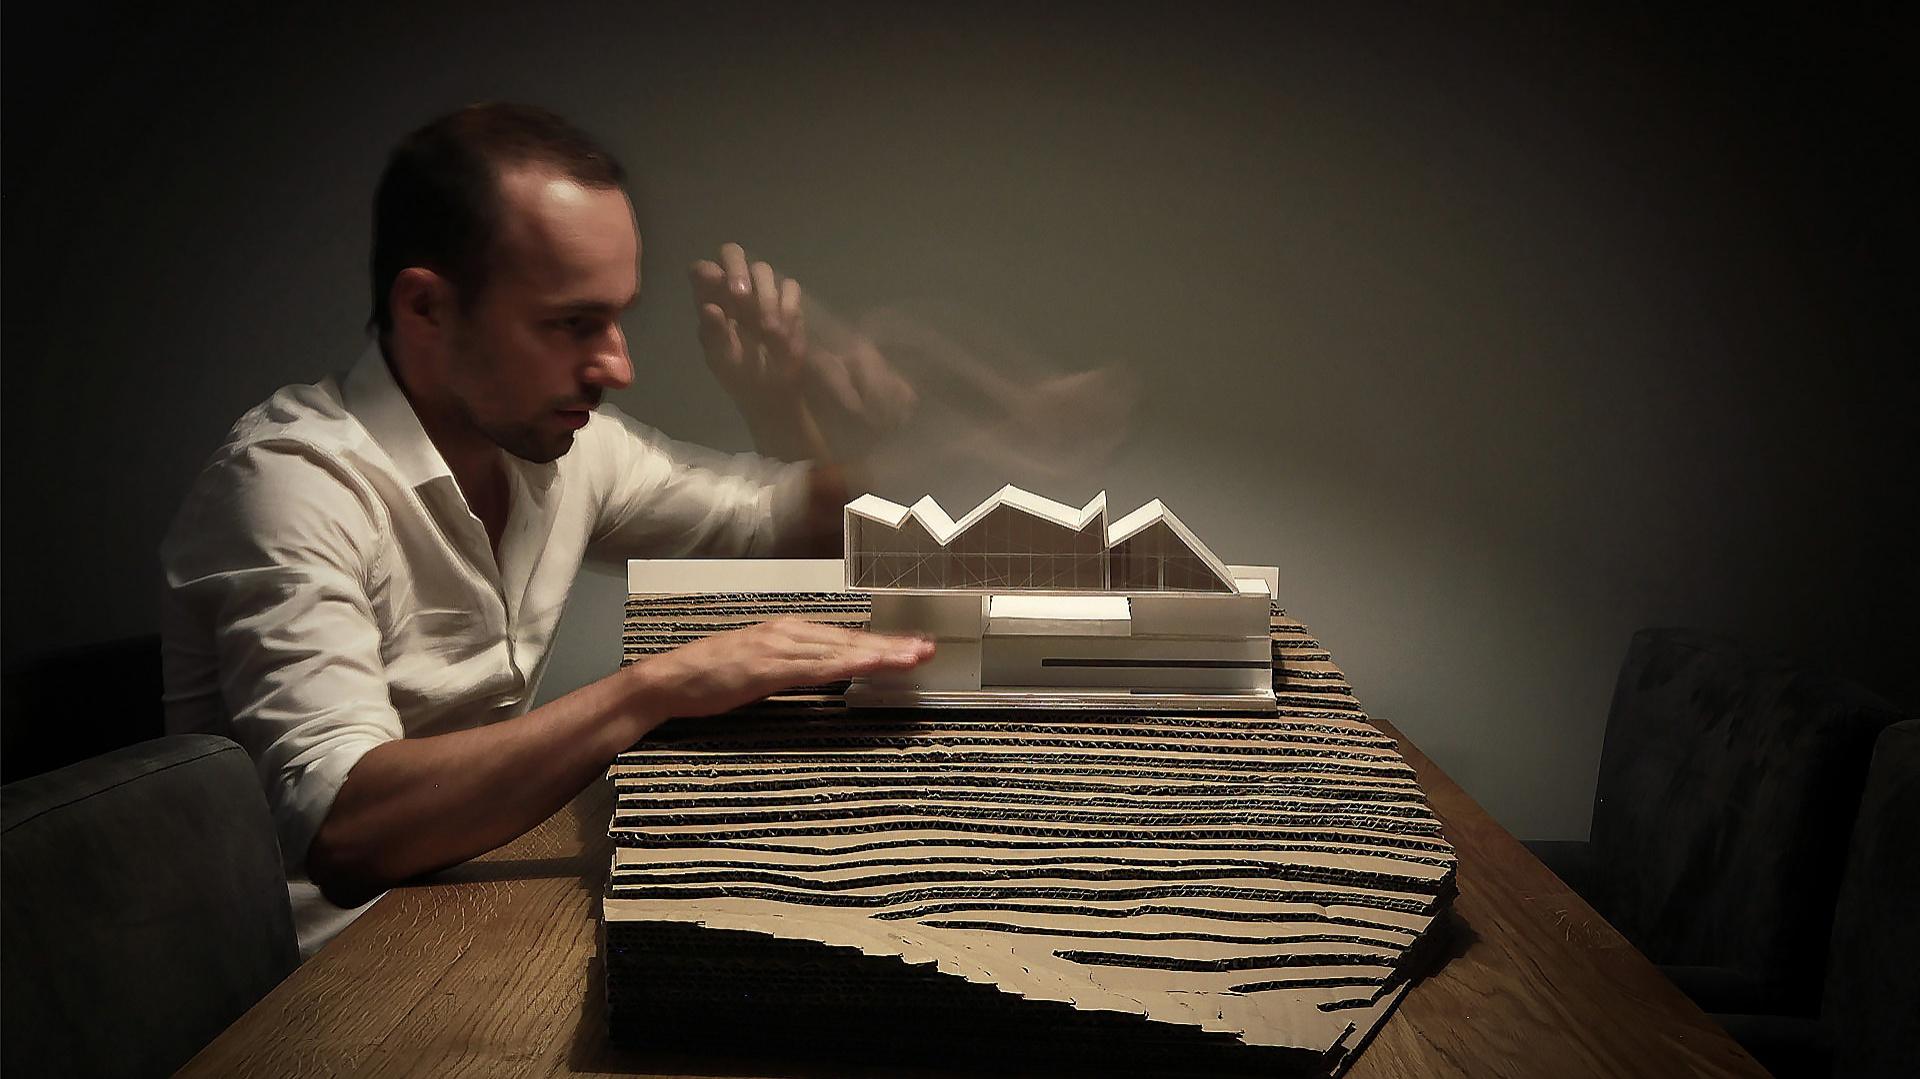 Bogusław Barnaś ukończył Wydział Architektury Politechniki Krakowskiej oraz Fachhochschule Muenster w Niemczech. Doświadczenie zdobywał m.in. u Normana Fostera, w Make Architects i pracowni Ingarden & Ewy Architekci. For. BXBstudio